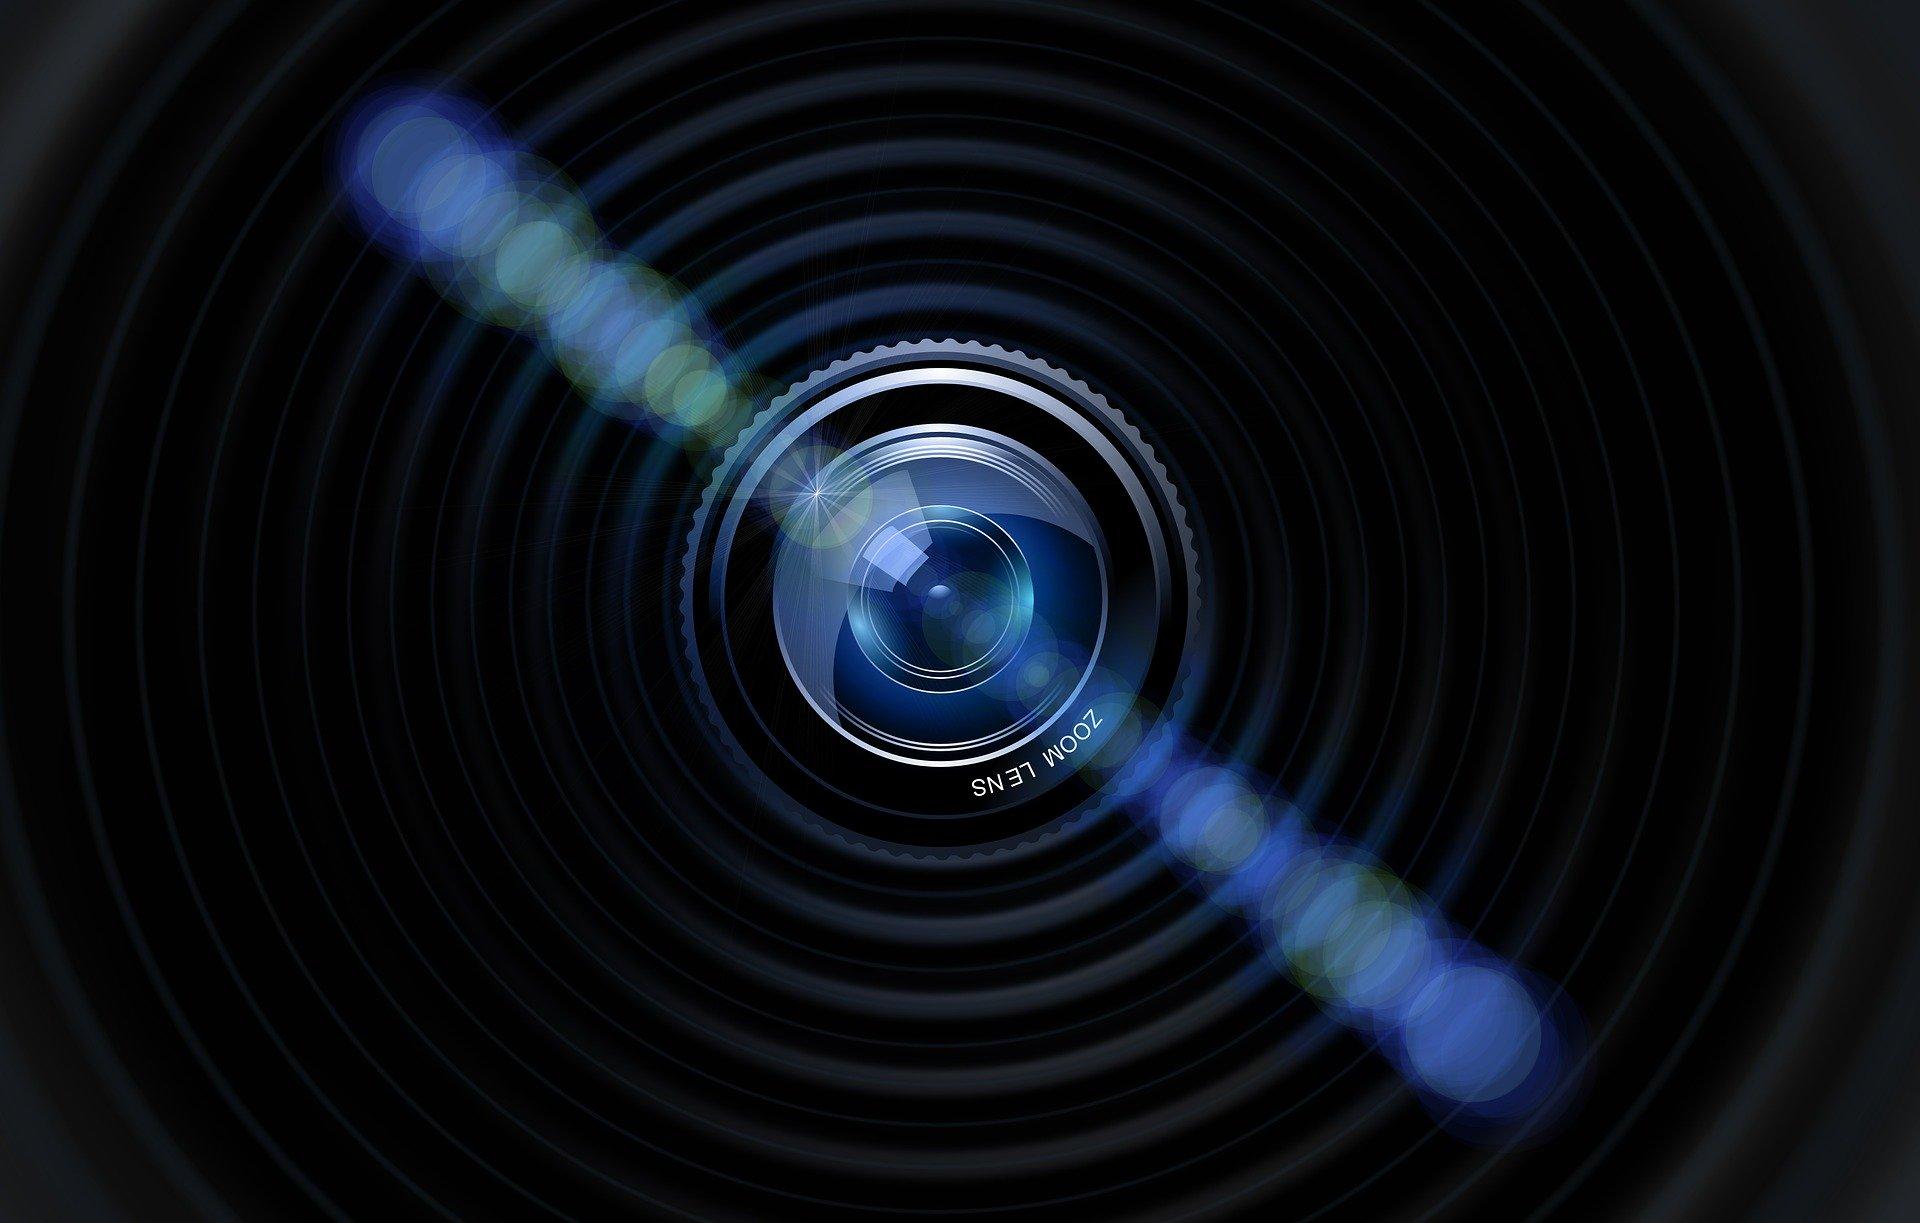 Así es cómo puedes detectar si hay cámaras ocultas espiándote